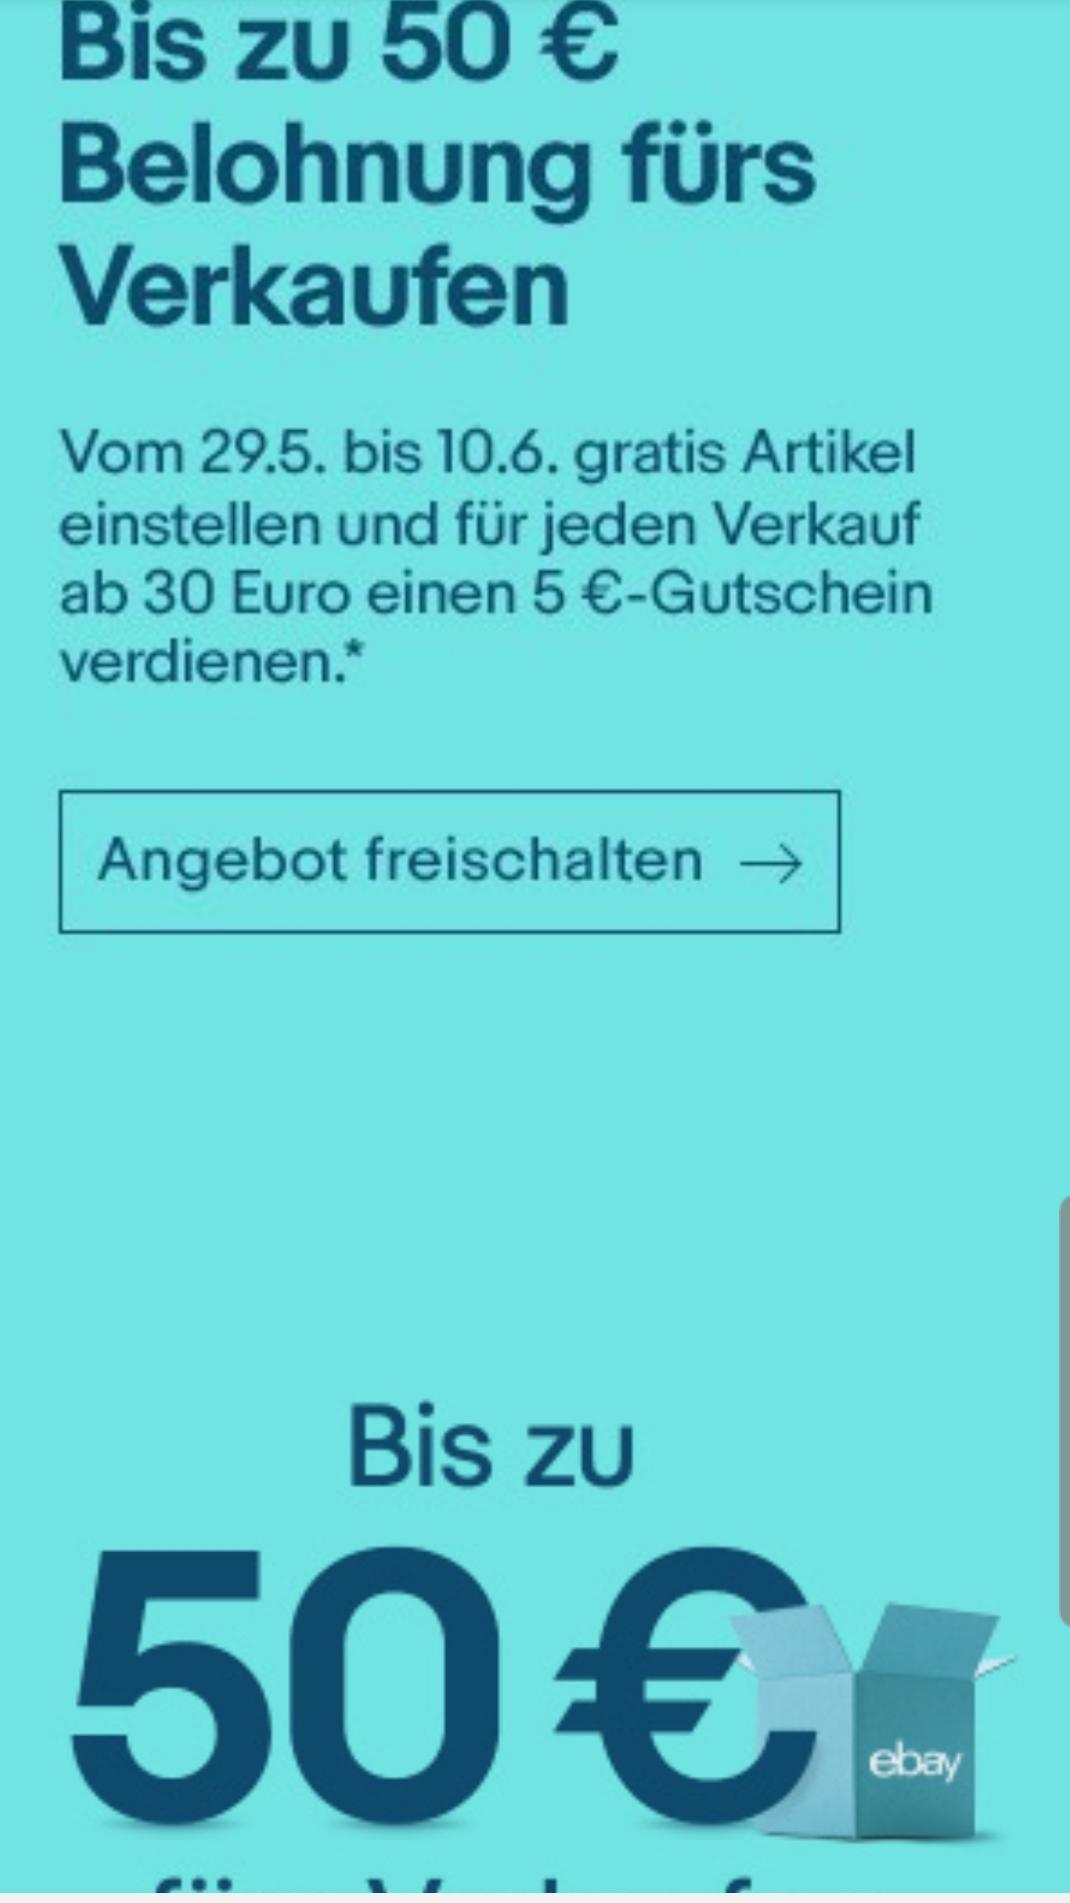 ebay, bis zu 50€ fürs verkaufen, Verkaufsprovision als Gutschein wiederbekommen für eingeladene Mitglieder